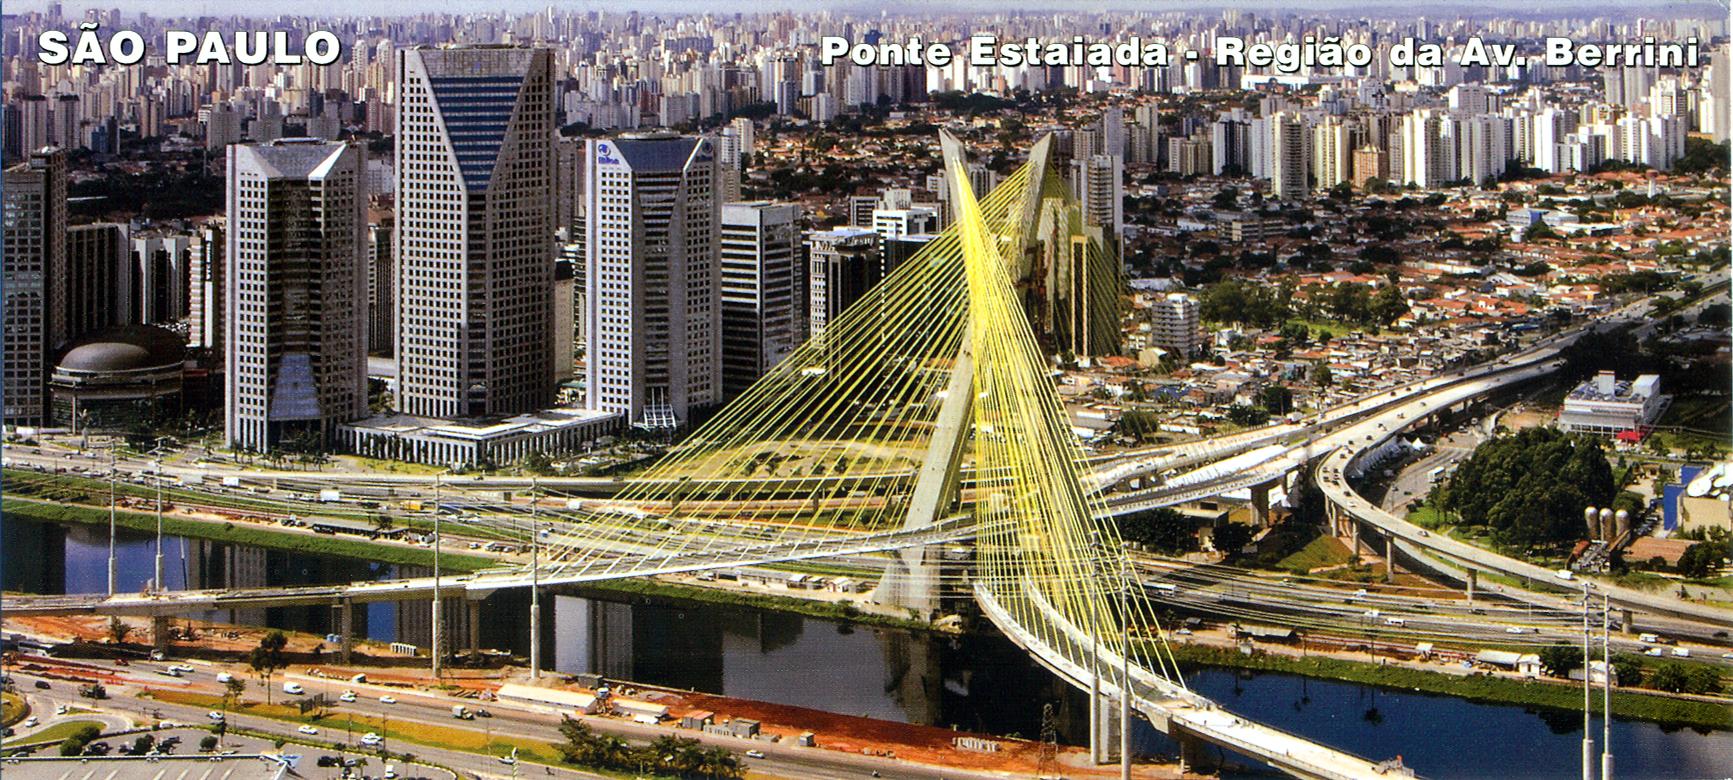 São Paulo's Bridge That Widens Distances - Failed Architecture